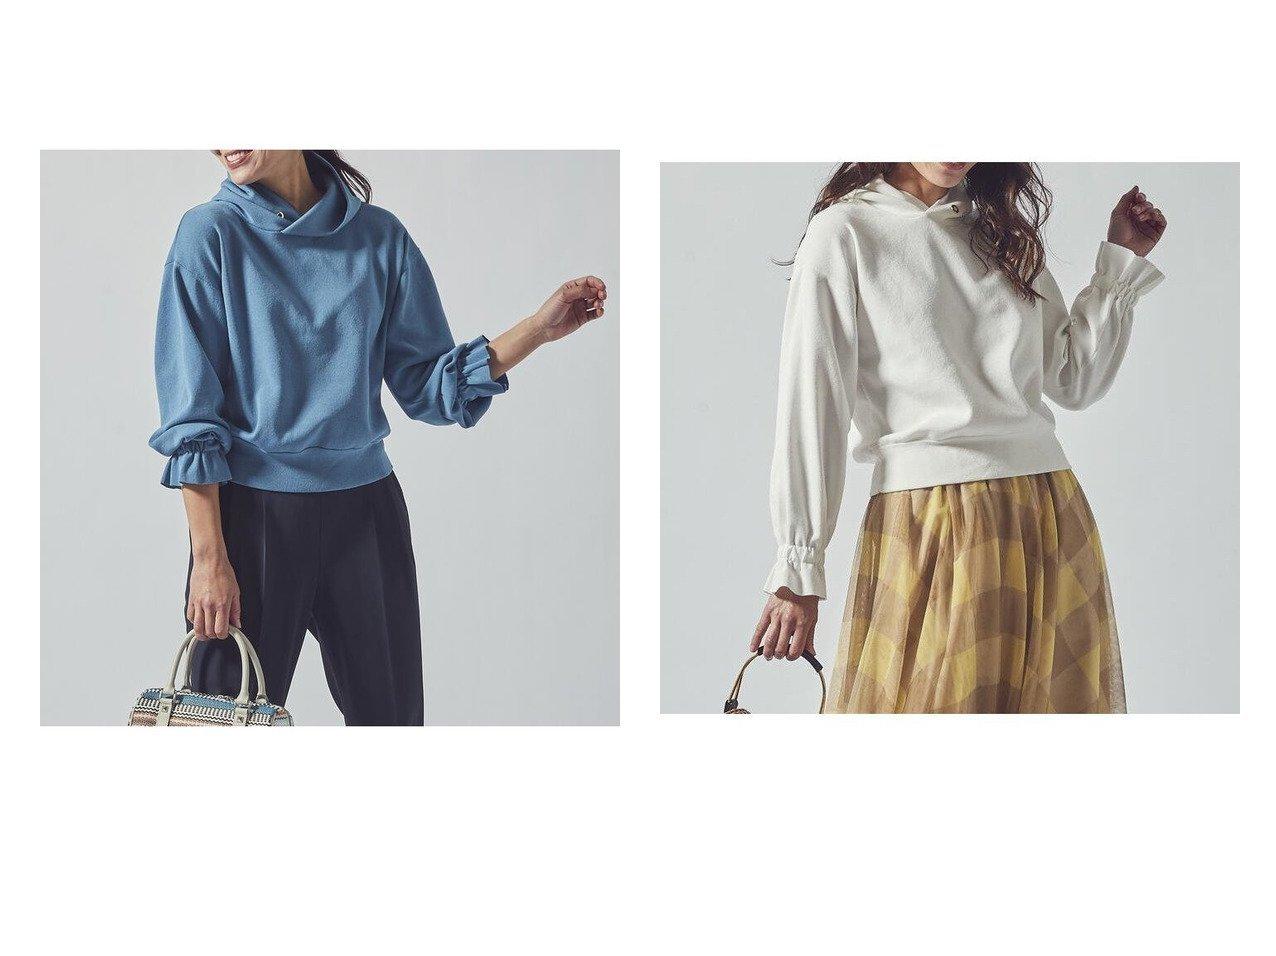 【Viaggio Blu/ビアッジョブルー】の袖フリルニットフーディパーカー トップス・カットソーのおすすめ!人気、トレンド・レディースファッションの通販 おすすめで人気の流行・トレンド、ファッションの通販商品 メンズファッション・キッズファッション・インテリア・家具・レディースファッション・服の通販 founy(ファニー) https://founy.com/ ファッション Fashion レディースファッション WOMEN トップス カットソー Tops Tshirt ニット Knit Tops パーカ Sweats セーター パーカー フェミニン フリル ルーズ 再入荷 Restock/Back in Stock/Re Arrival |ID:crp329100000022969